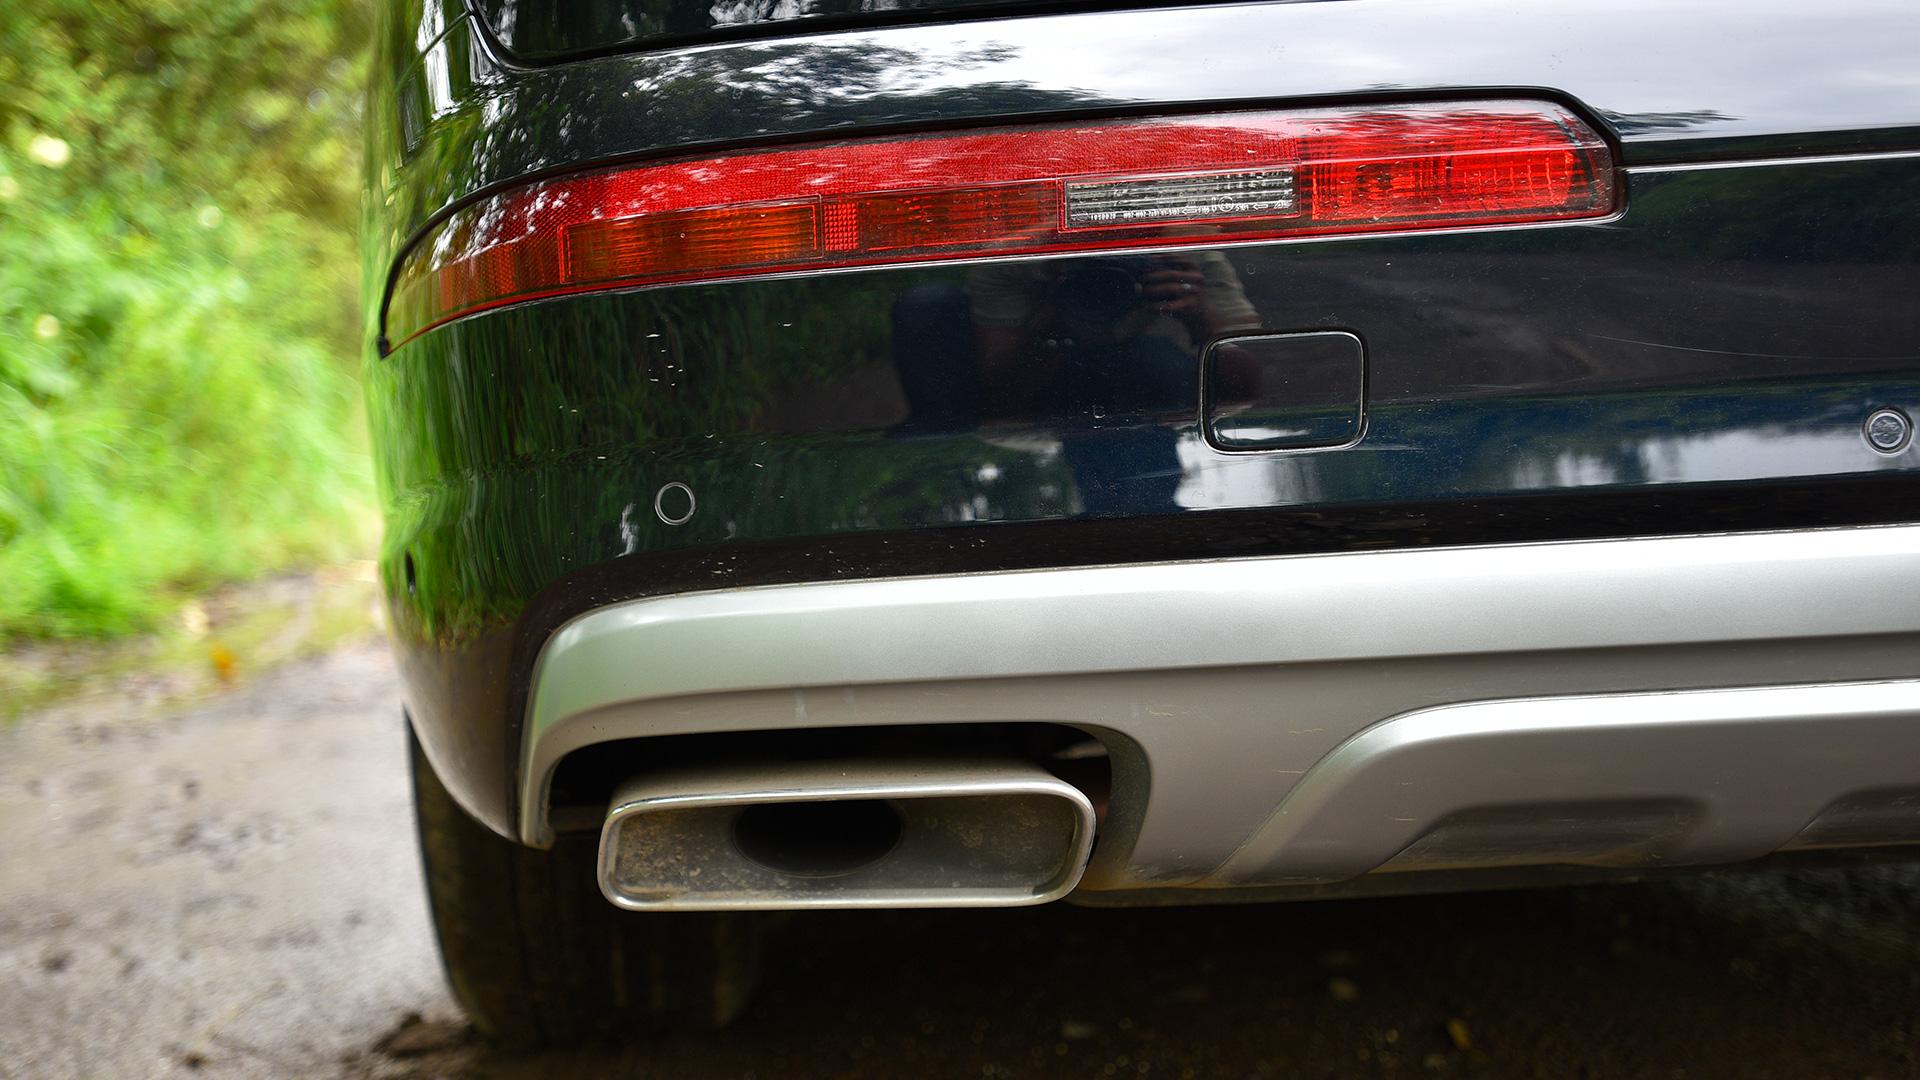 Audi Q7 2017 40 TFSI Premium Plus Exterior